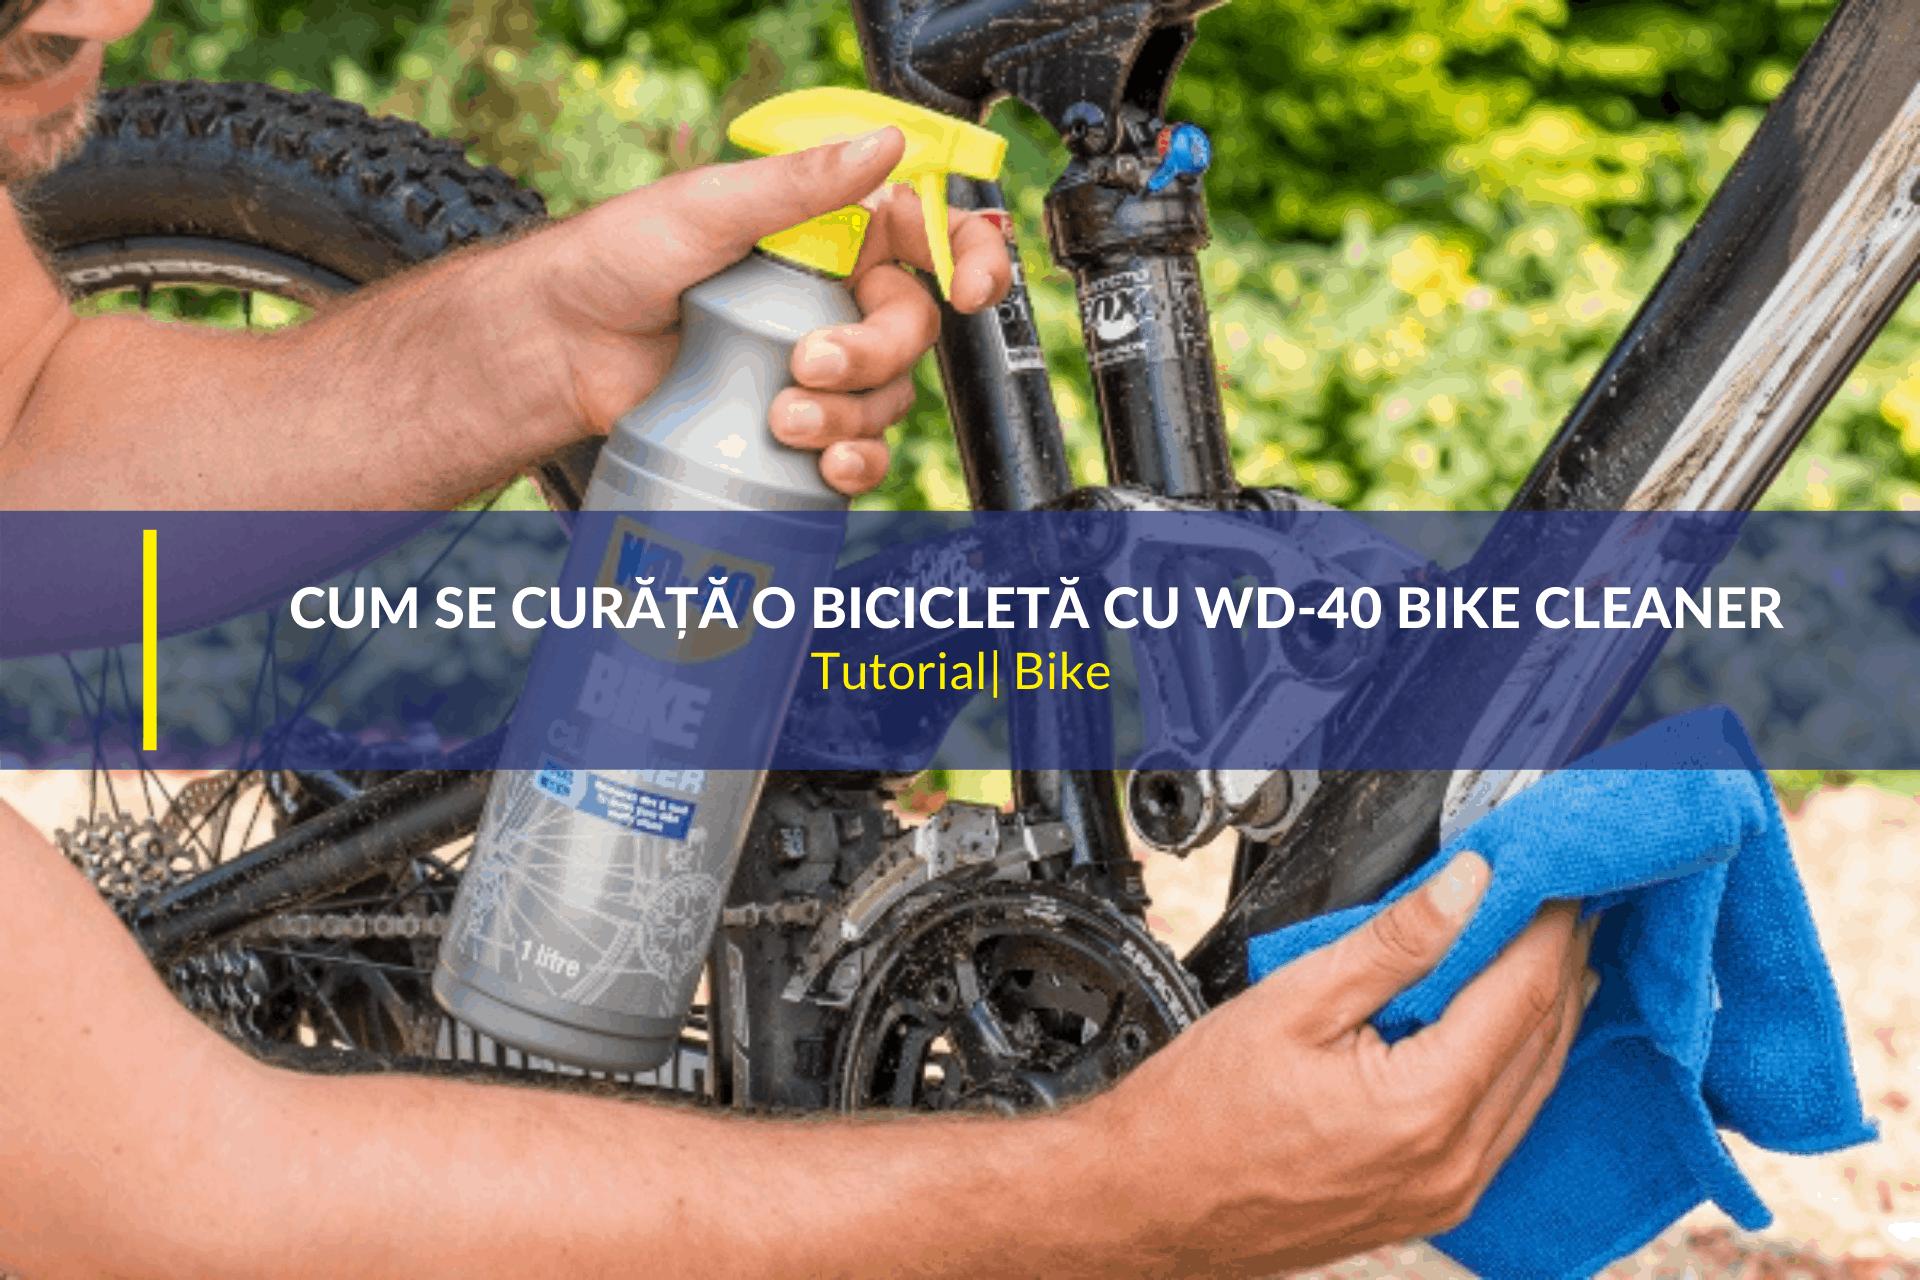 Cum se curăță bicicleta cu WD-40 Bike Cleaner